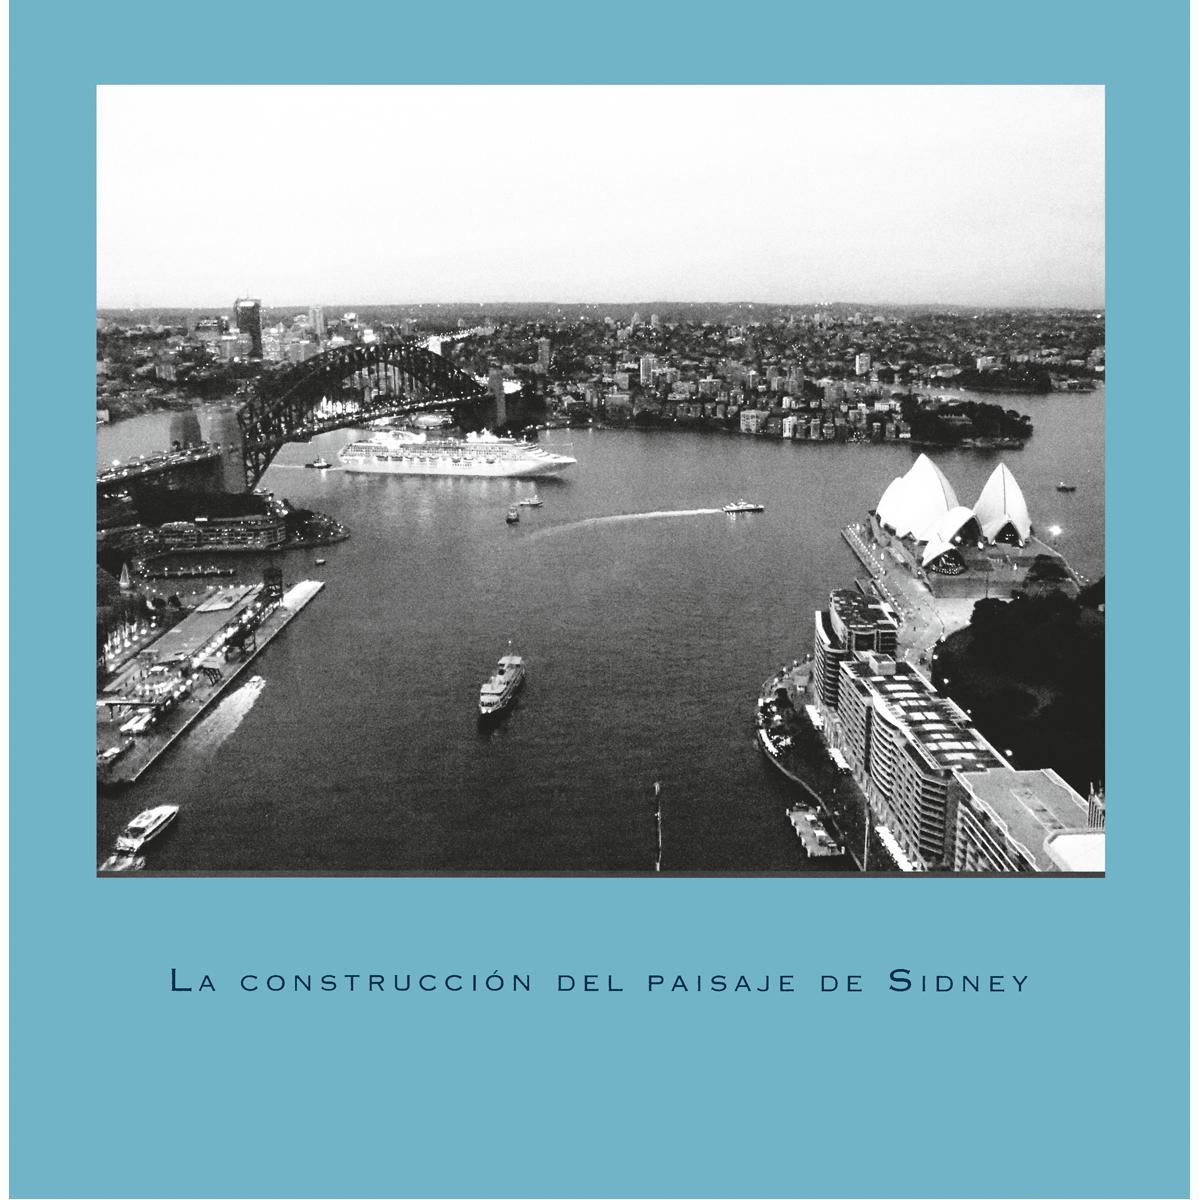 La construcción del paisaje de Sidney